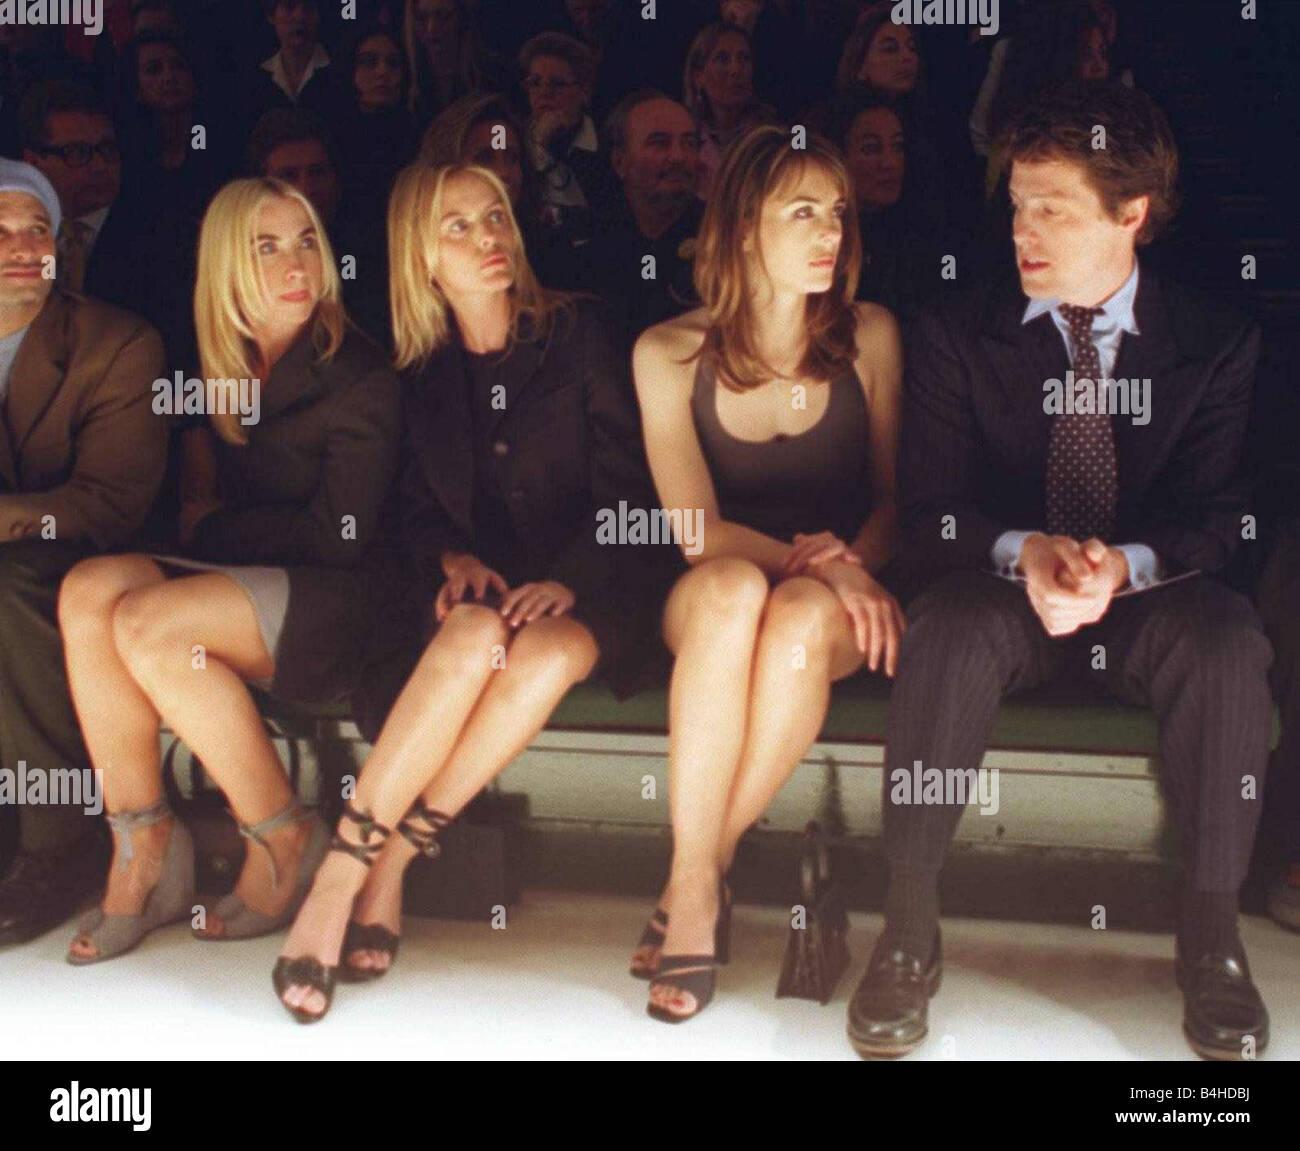 Schauspieler Hugh Grant mit Freundin Liz Hurley sitzt auf der Bank, die  Versace Modenschau in Mailand neben Oase Freundinnen Patsy Kensit Liam und  Meg Mathews Noel zu sehen Stockfotografie - Alamy